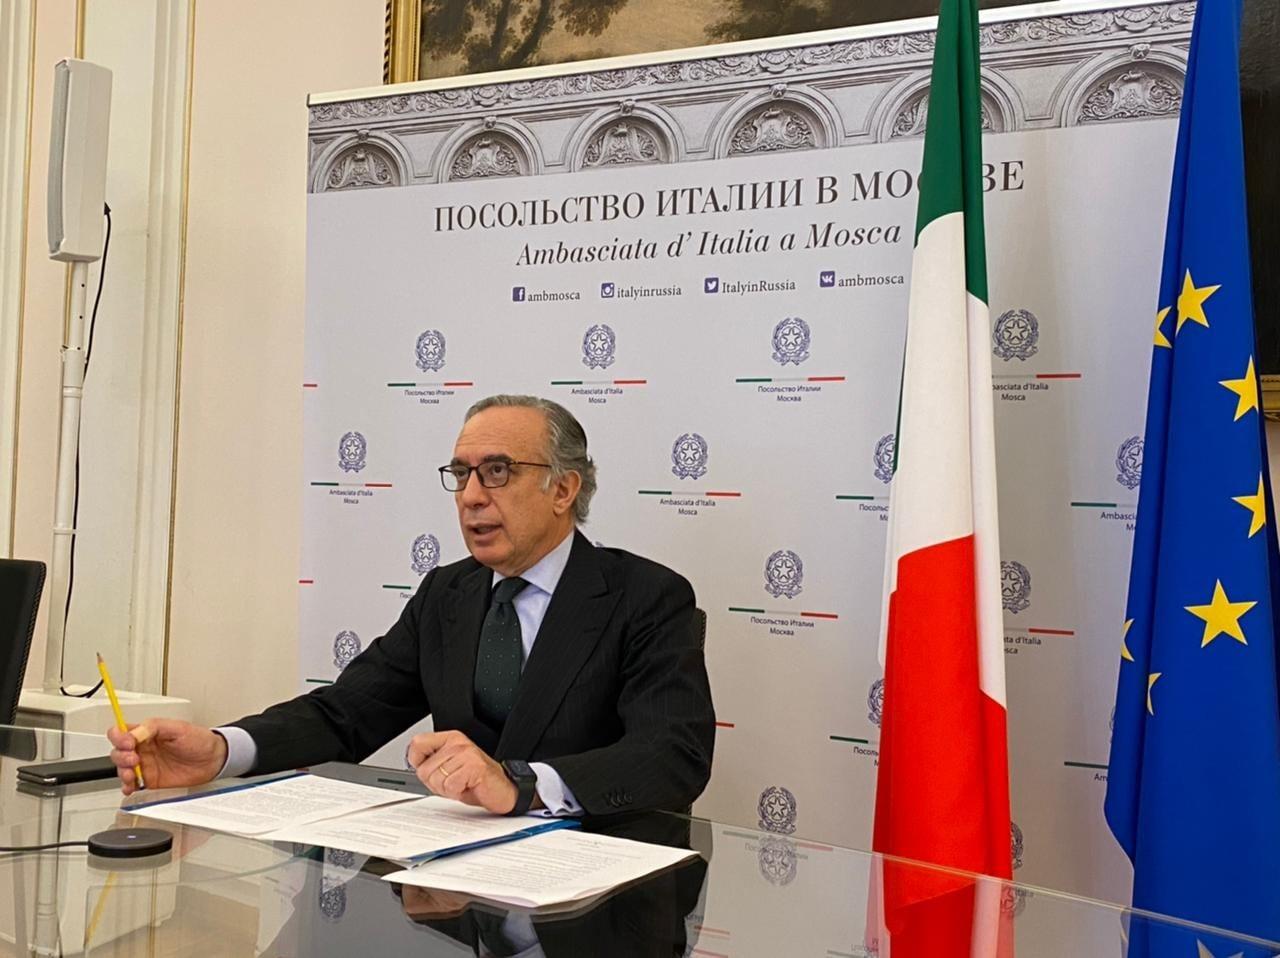 L'ambasciatore italiano in Russia Pasquale Terracciano